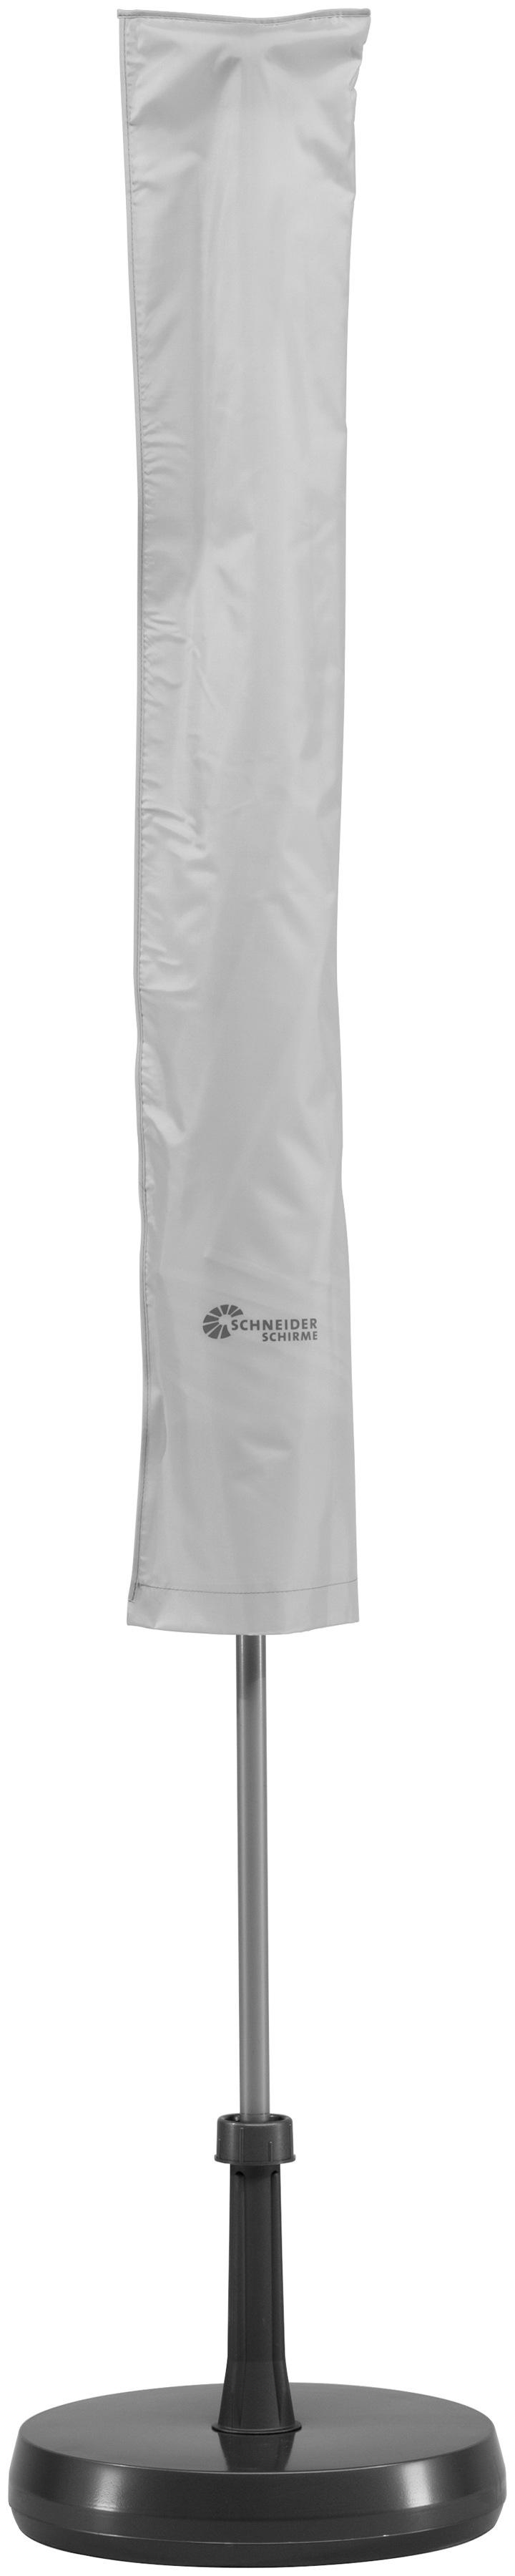 Schneider Schirme Schutzplane 817-00, für bis Ø 200 cm grau Sonnenschirme -segel Gartenmöbel Gartendeko